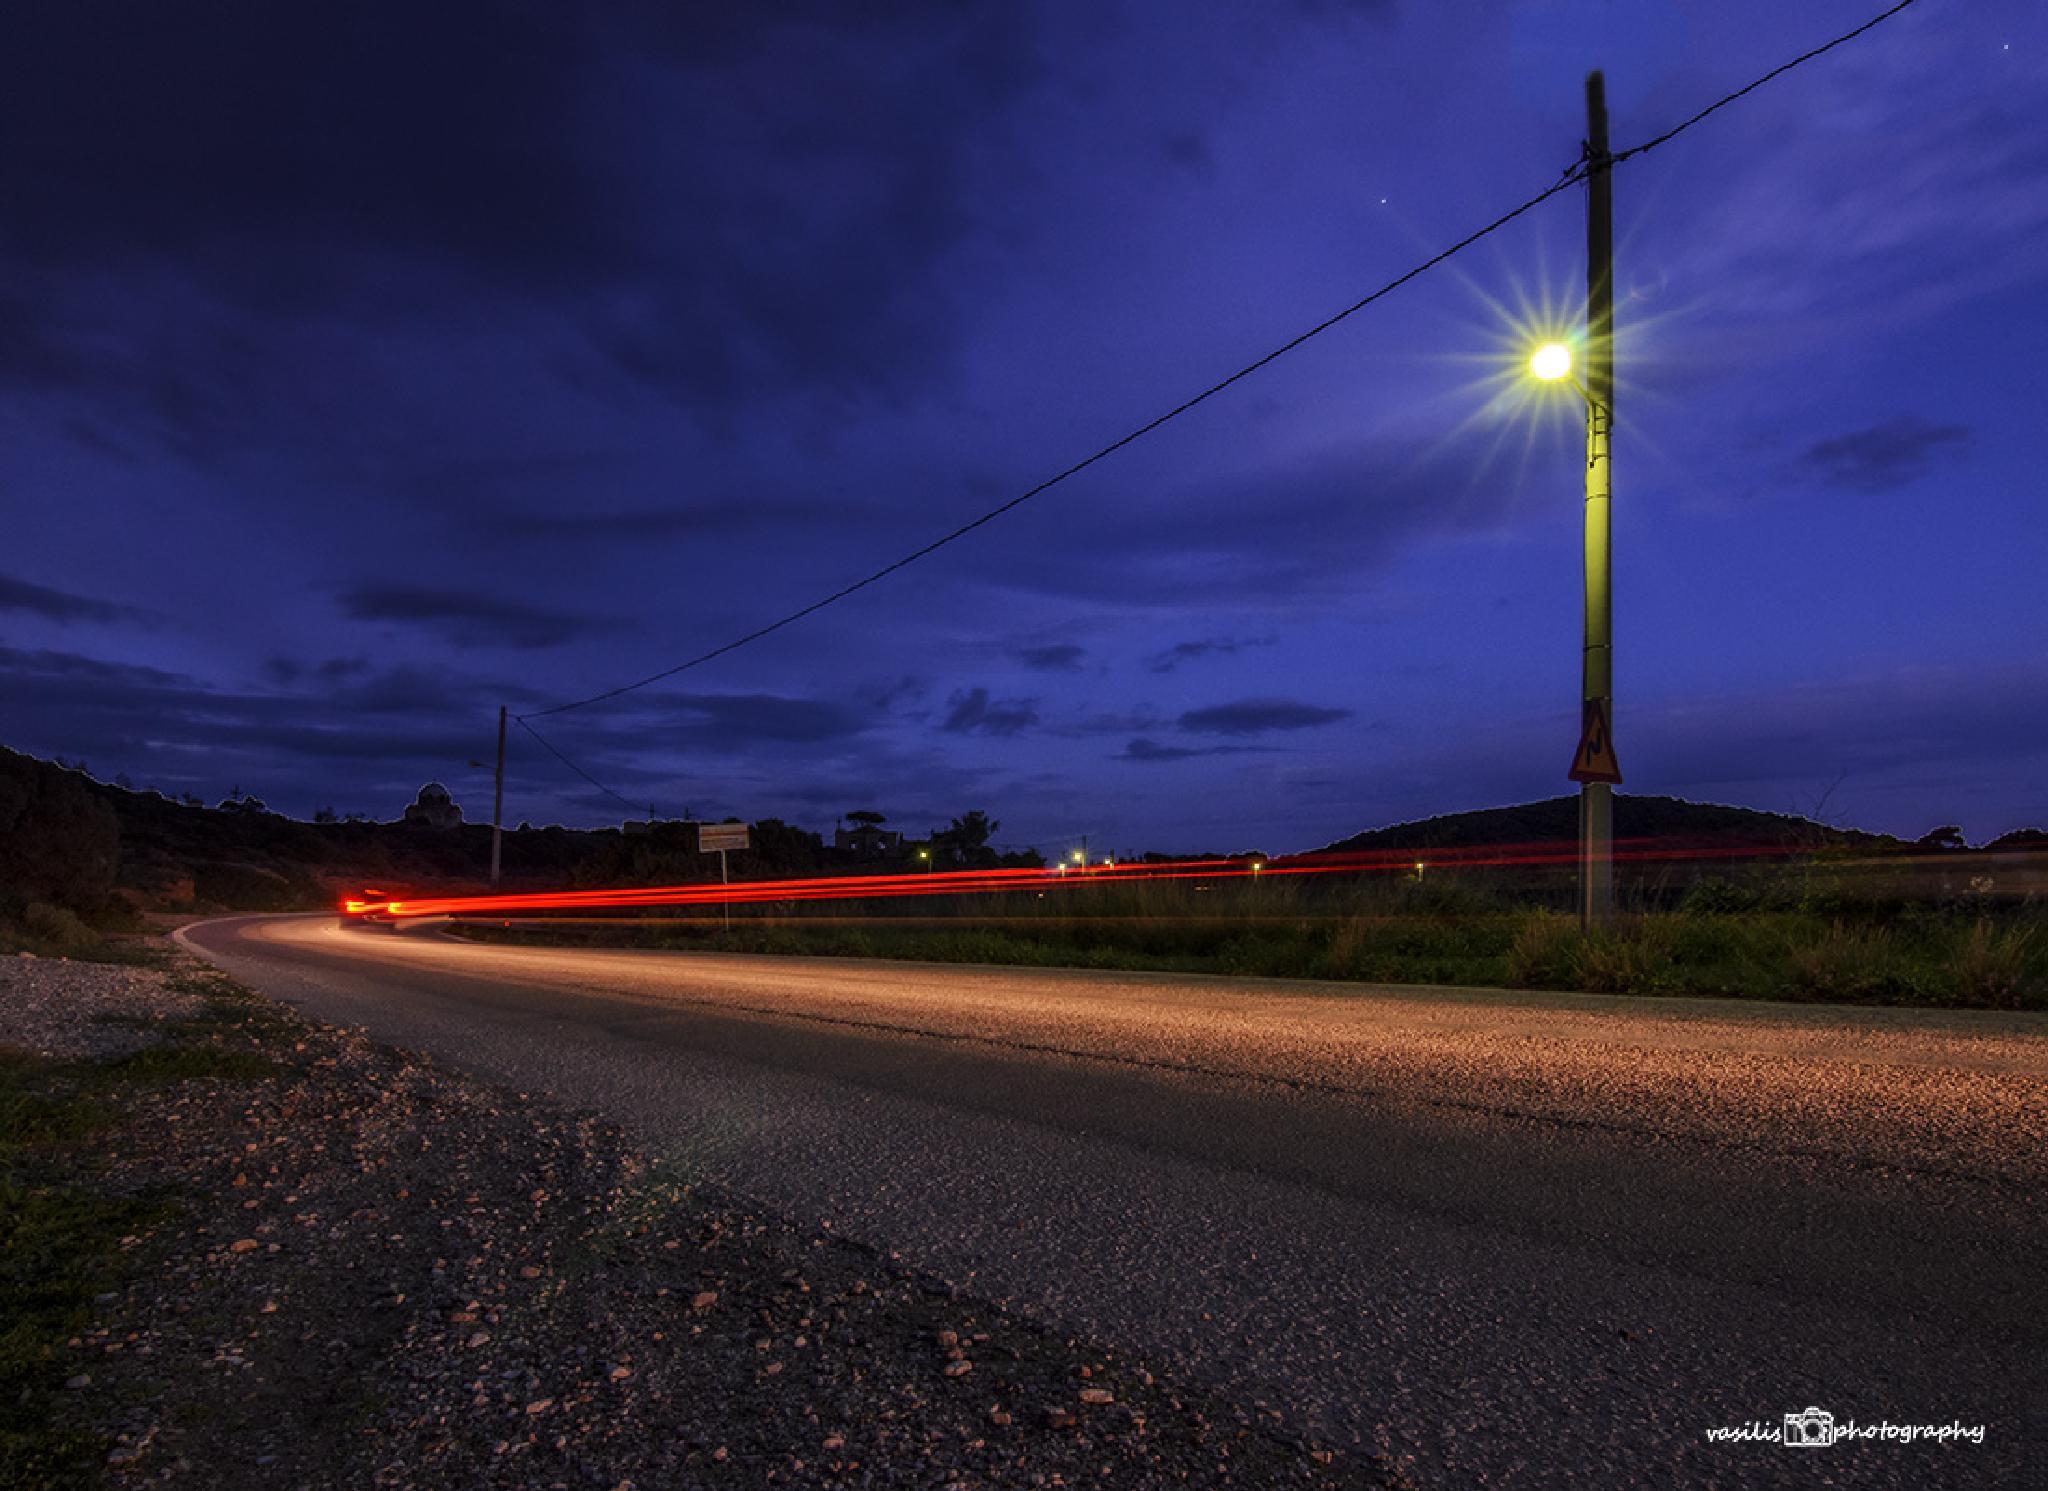 speed by vasilisorig21